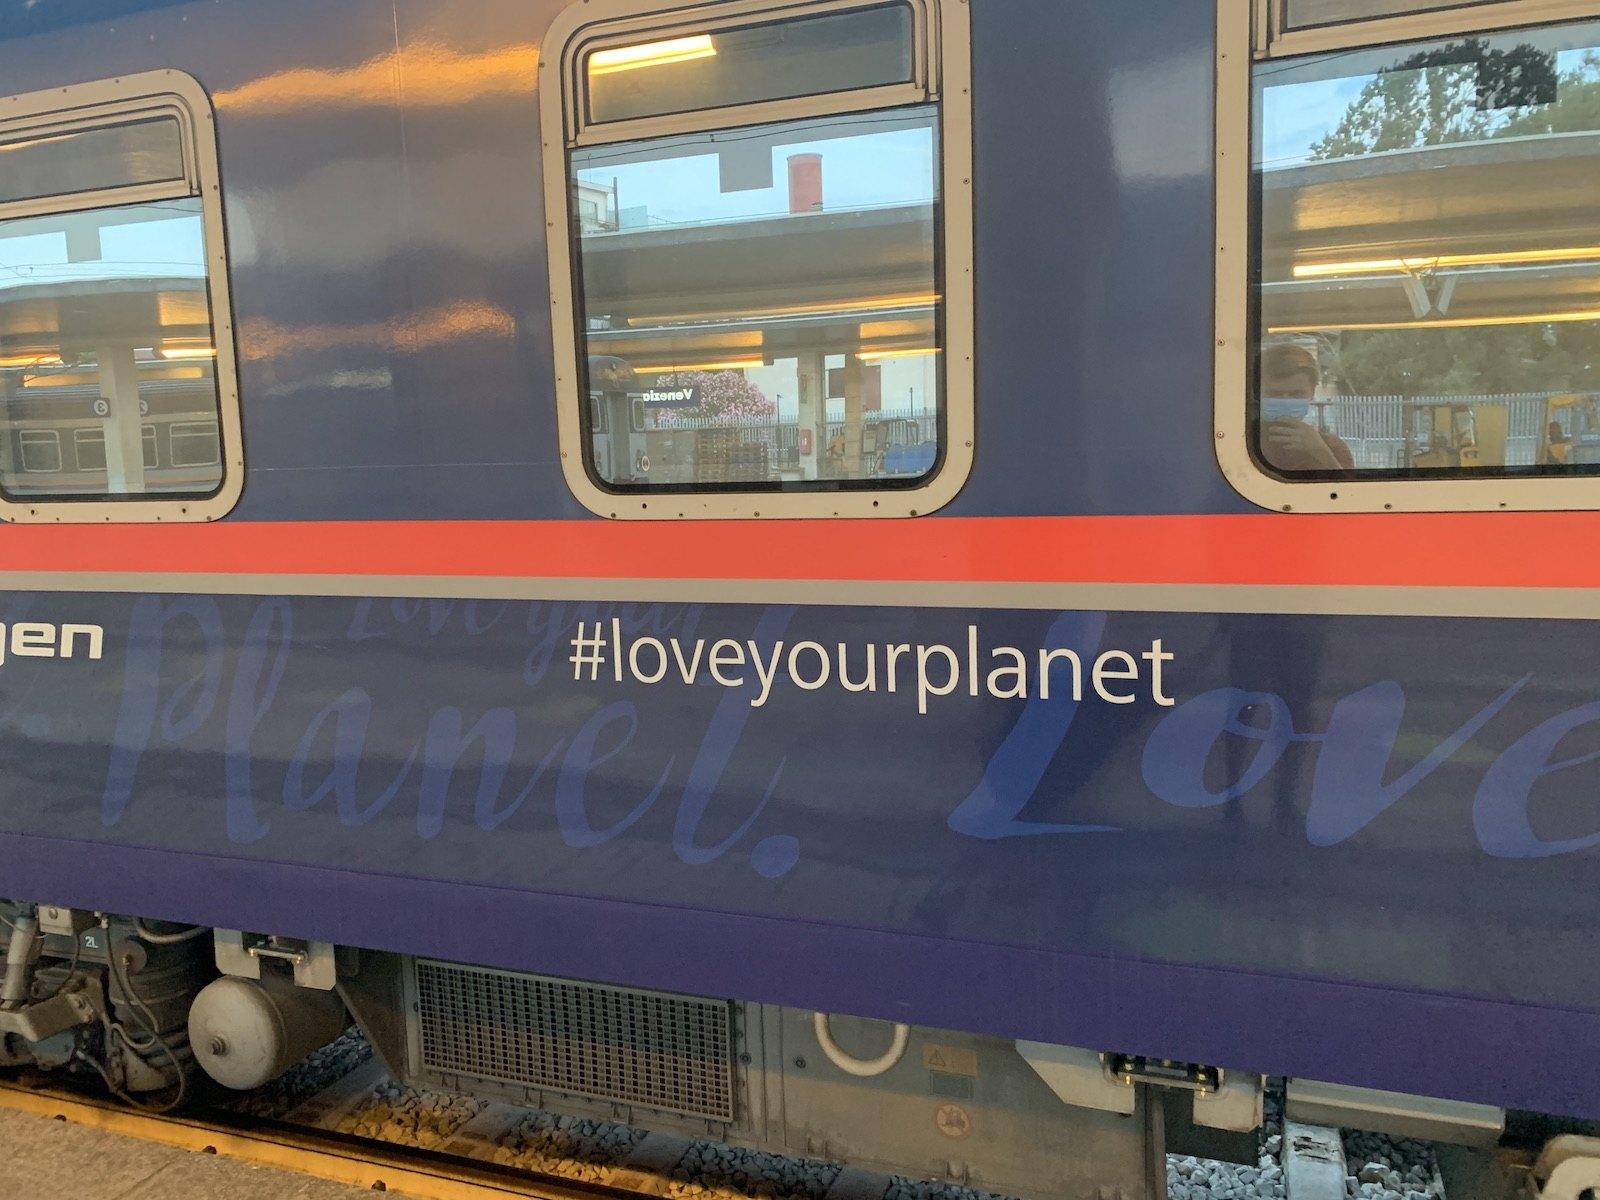 Szeresd a bolygót, utazz környezetbarát módon!